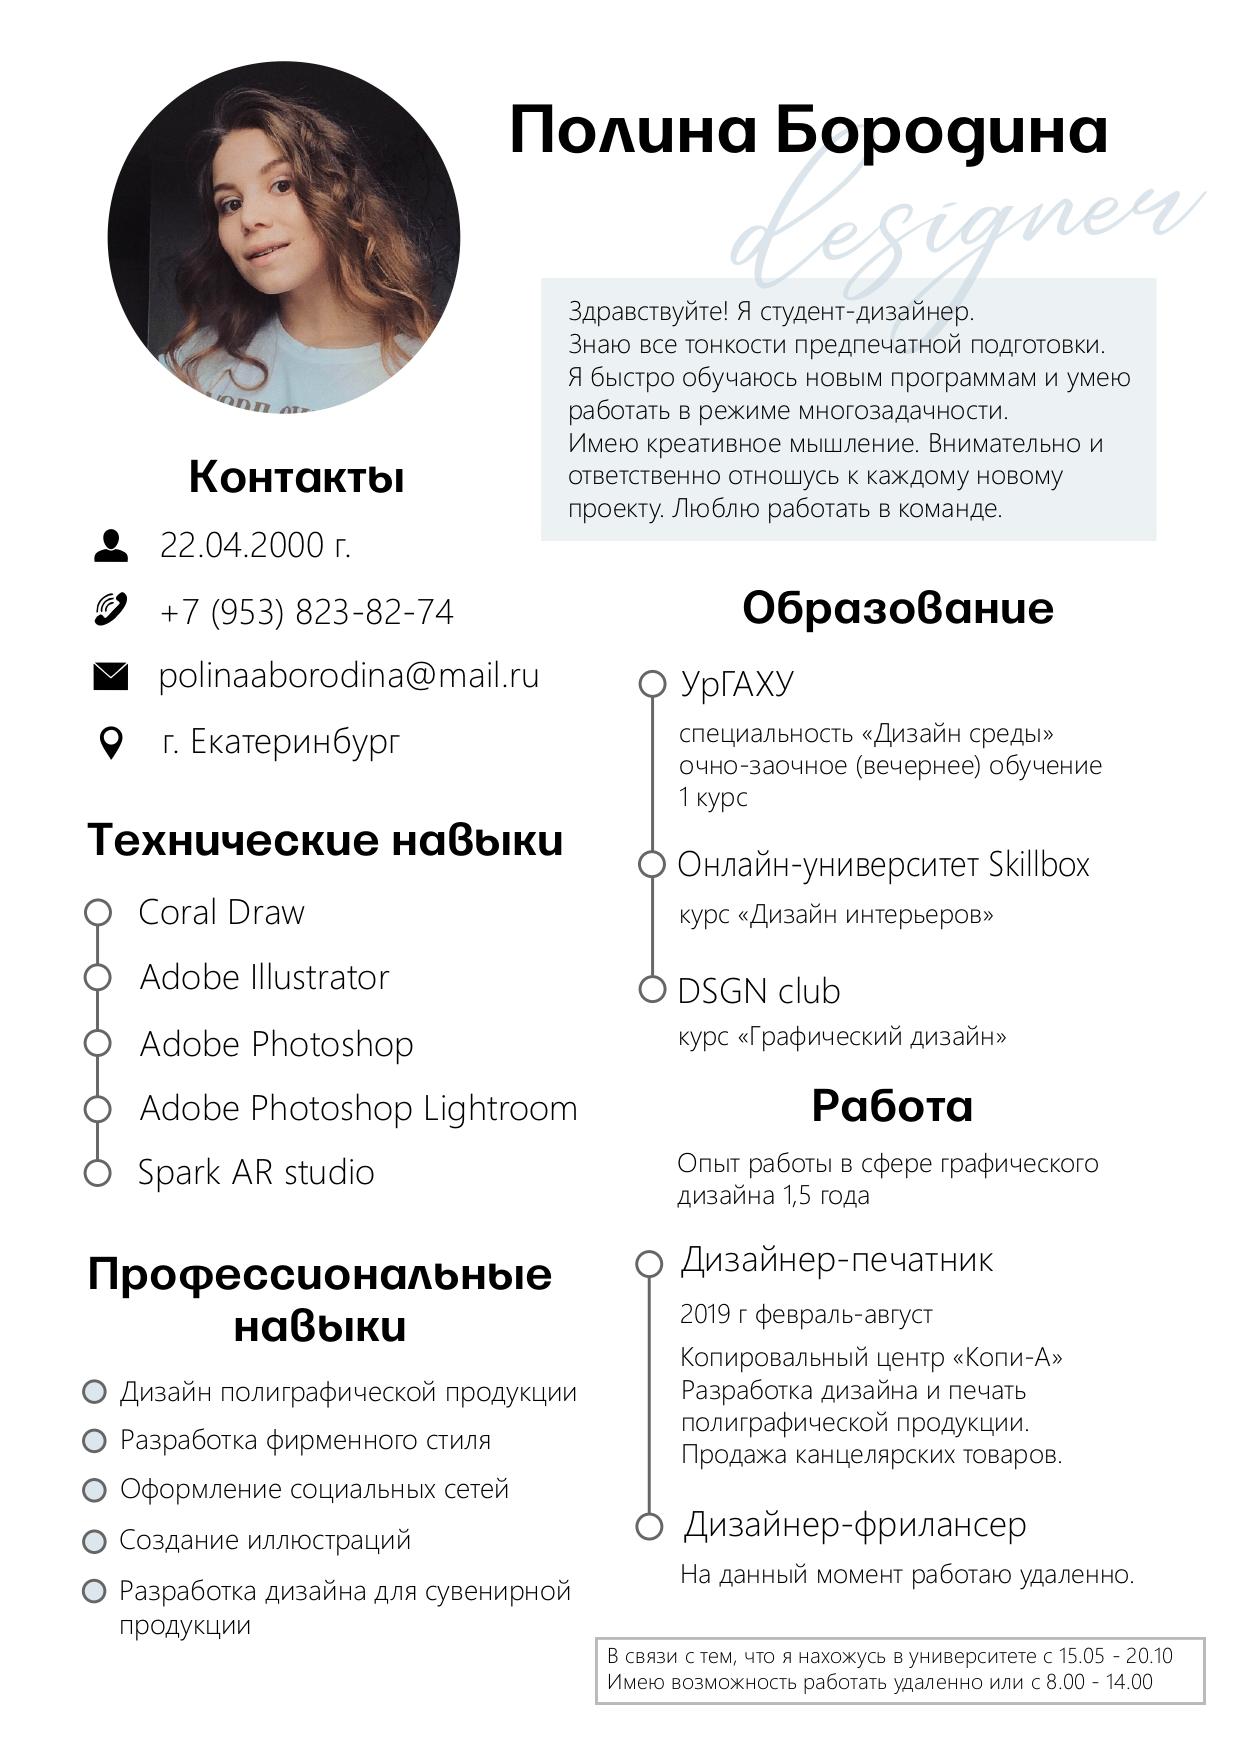 дизайнер фрилансер резюме